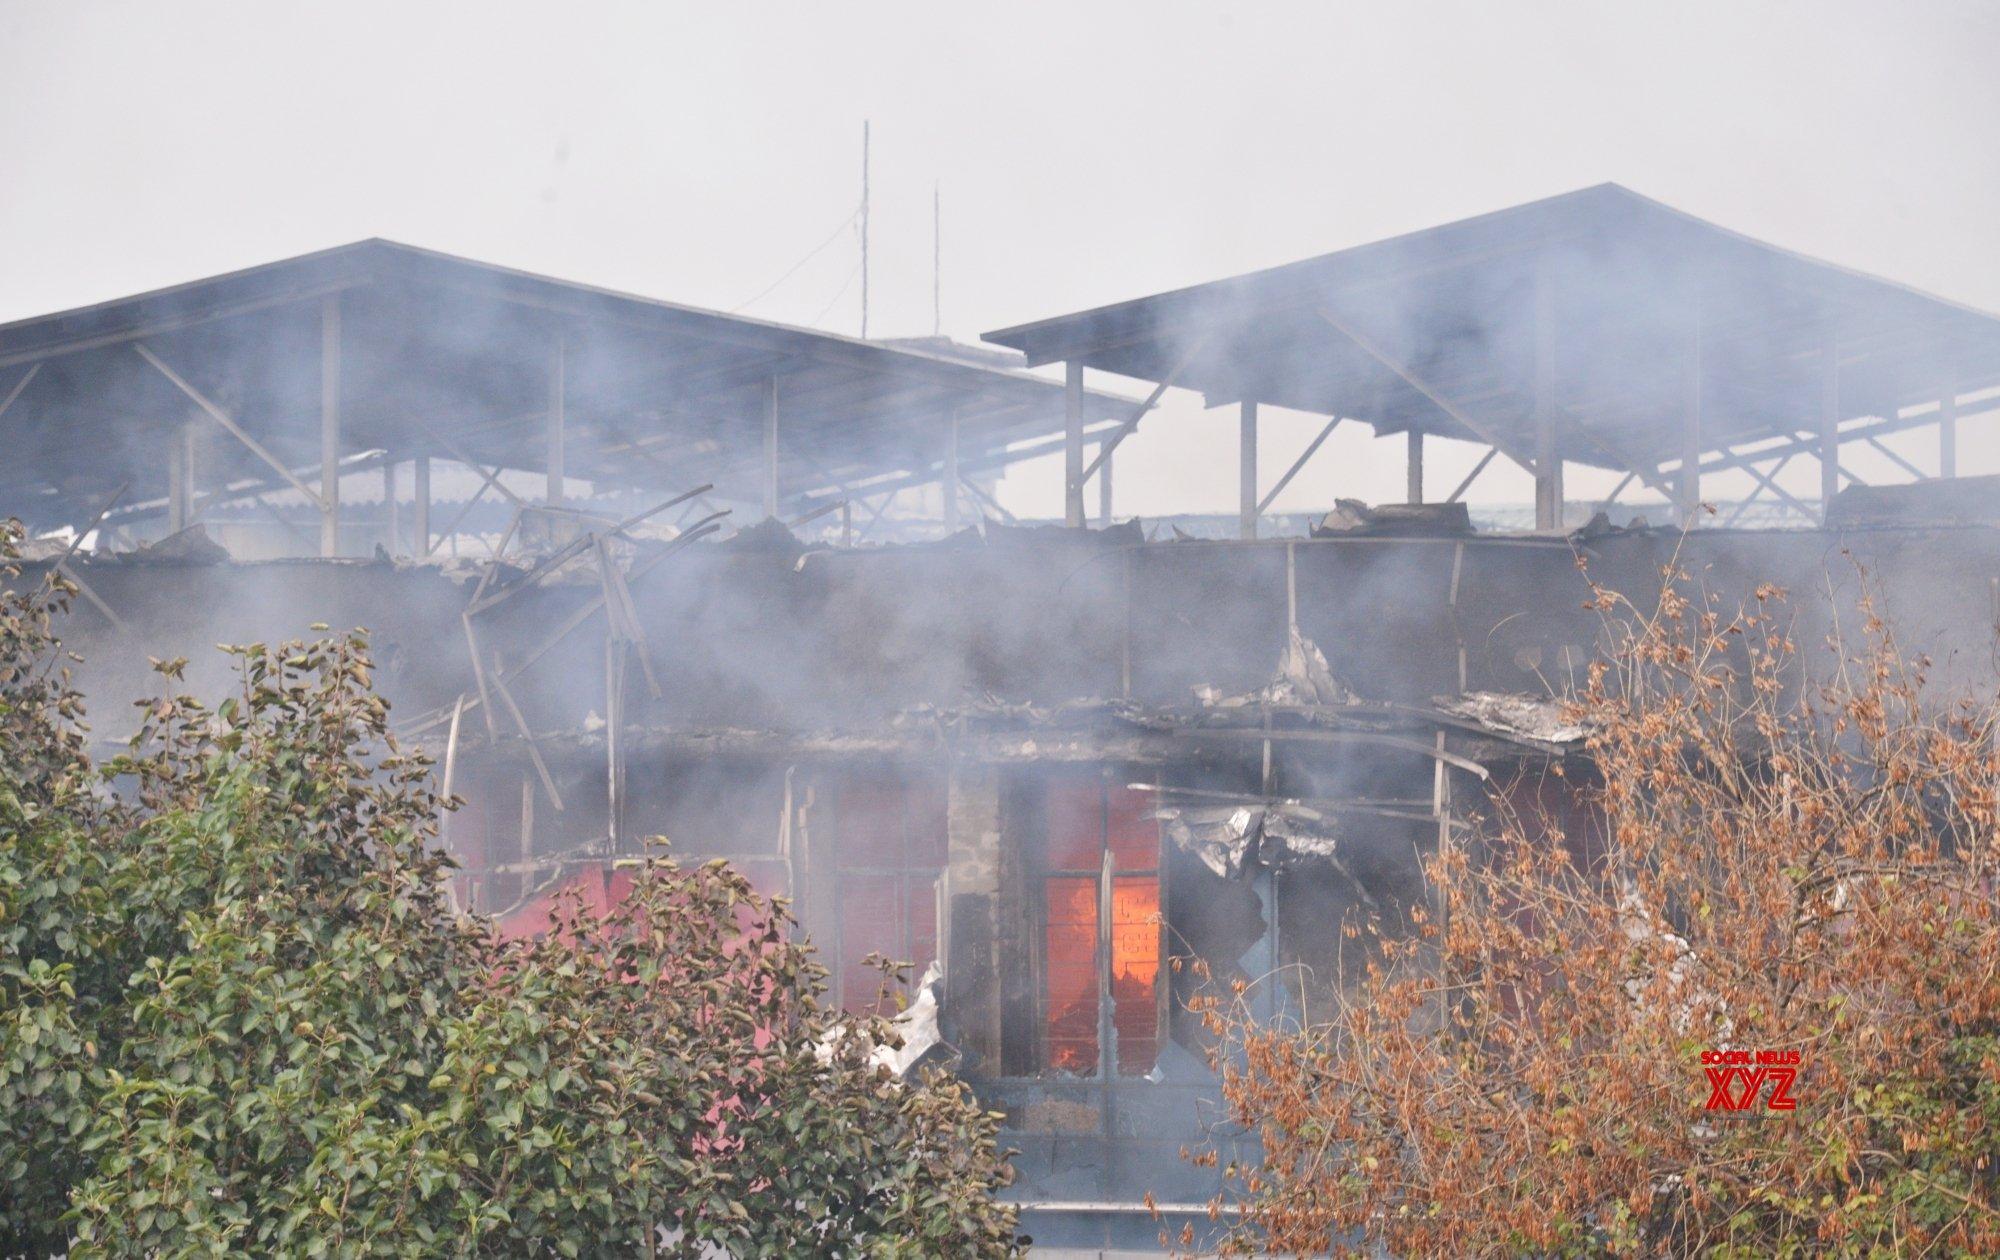 Fire breaks out in Delhi factory